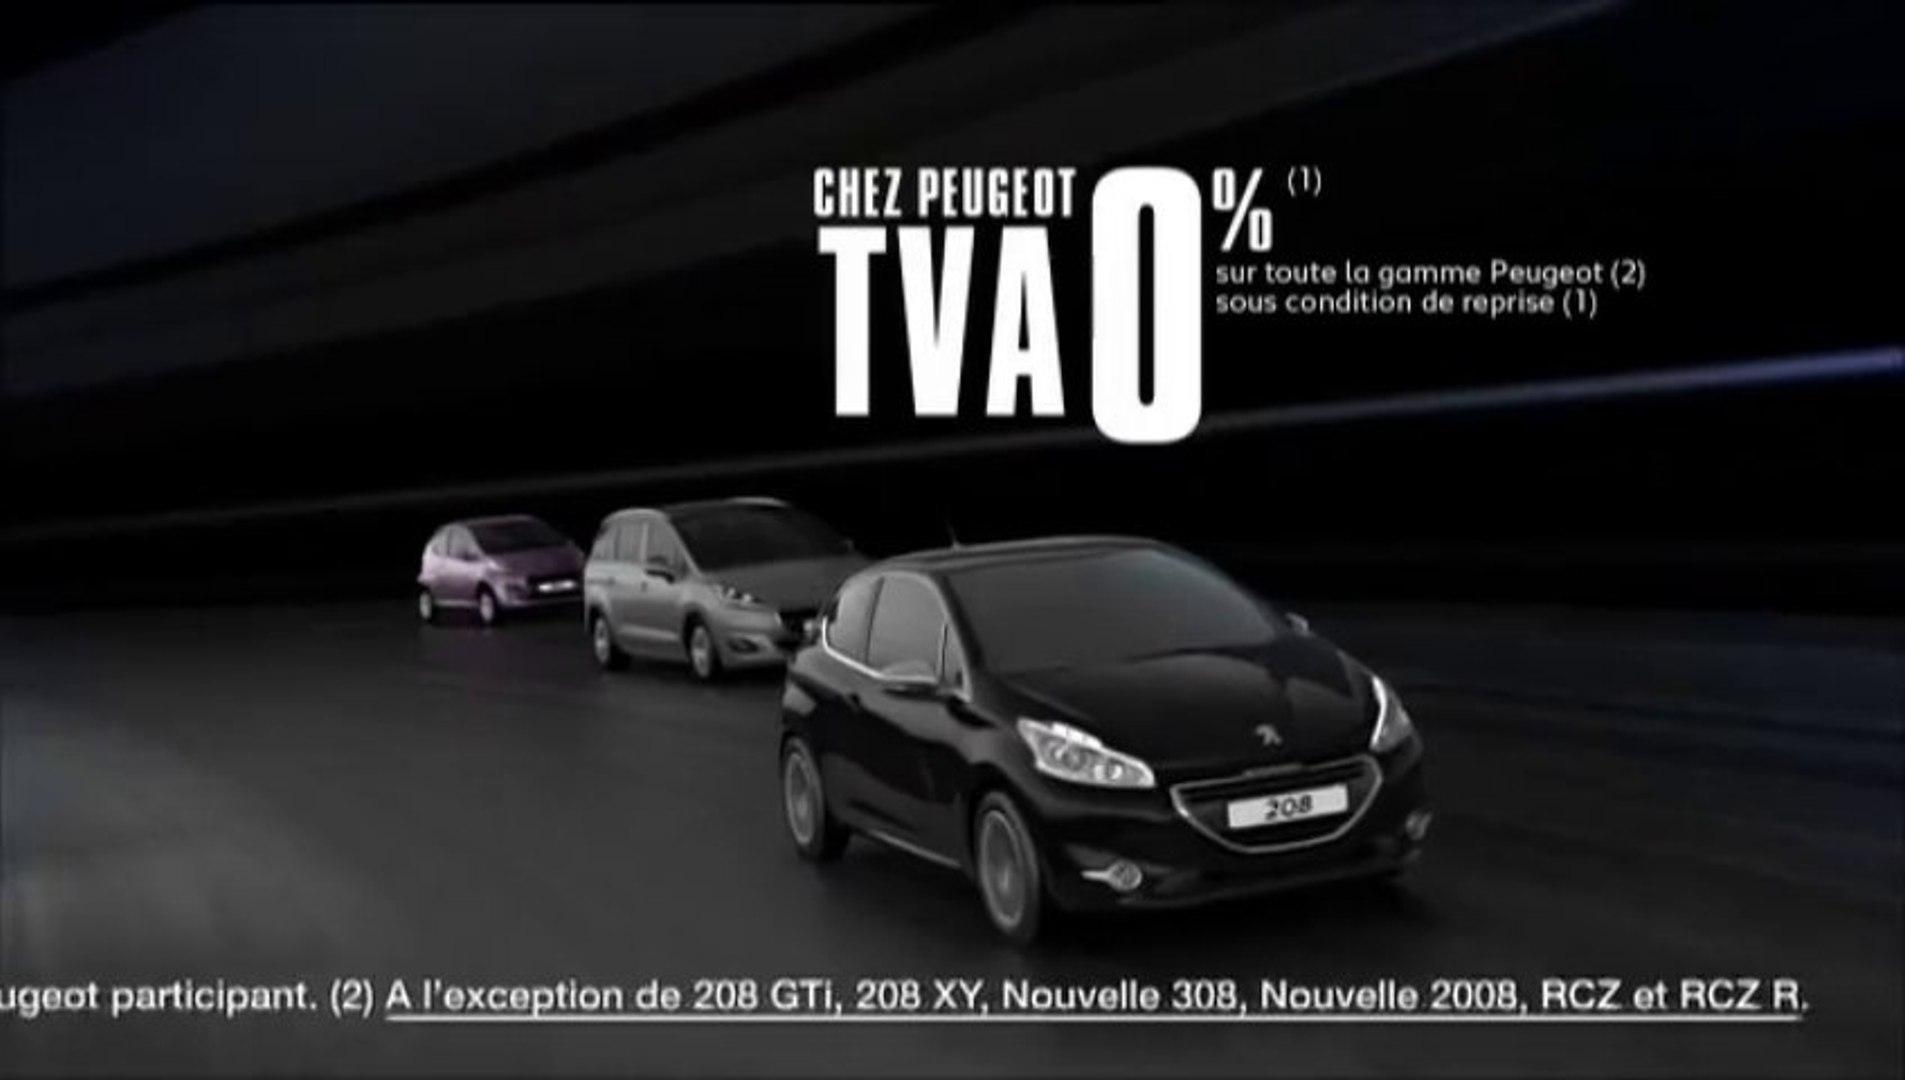 Publicité Peugeot 208 - Sensations uniques - TVA 0% (30s) - 2014 ( ****.feline208.net )